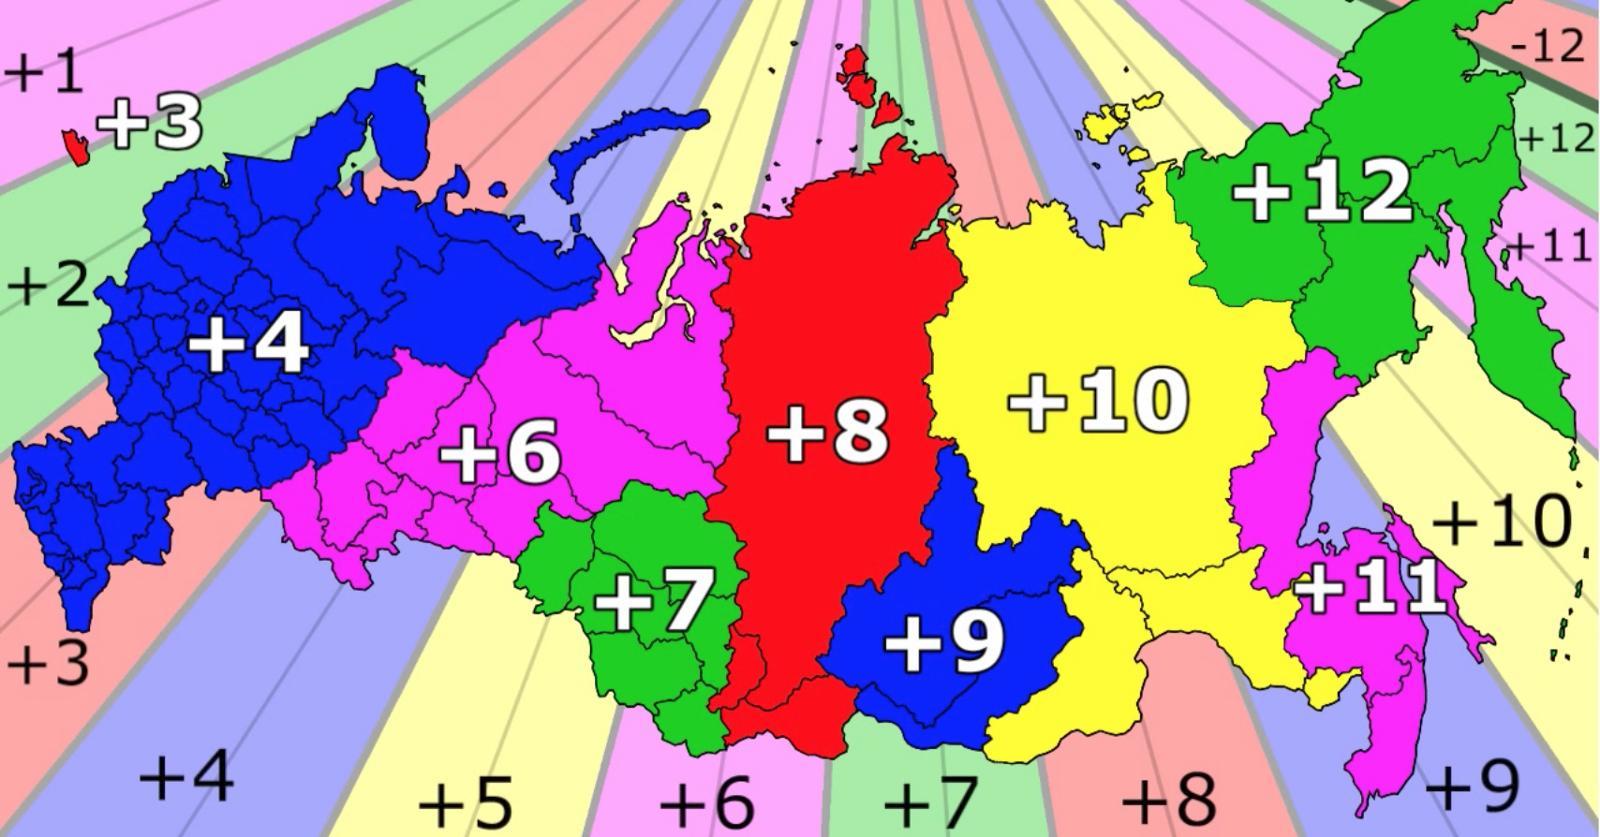 Carte Fuseaux Horaires Europe.La Russie Fuseau Horaire Carte Des Fuseaux Horaires En